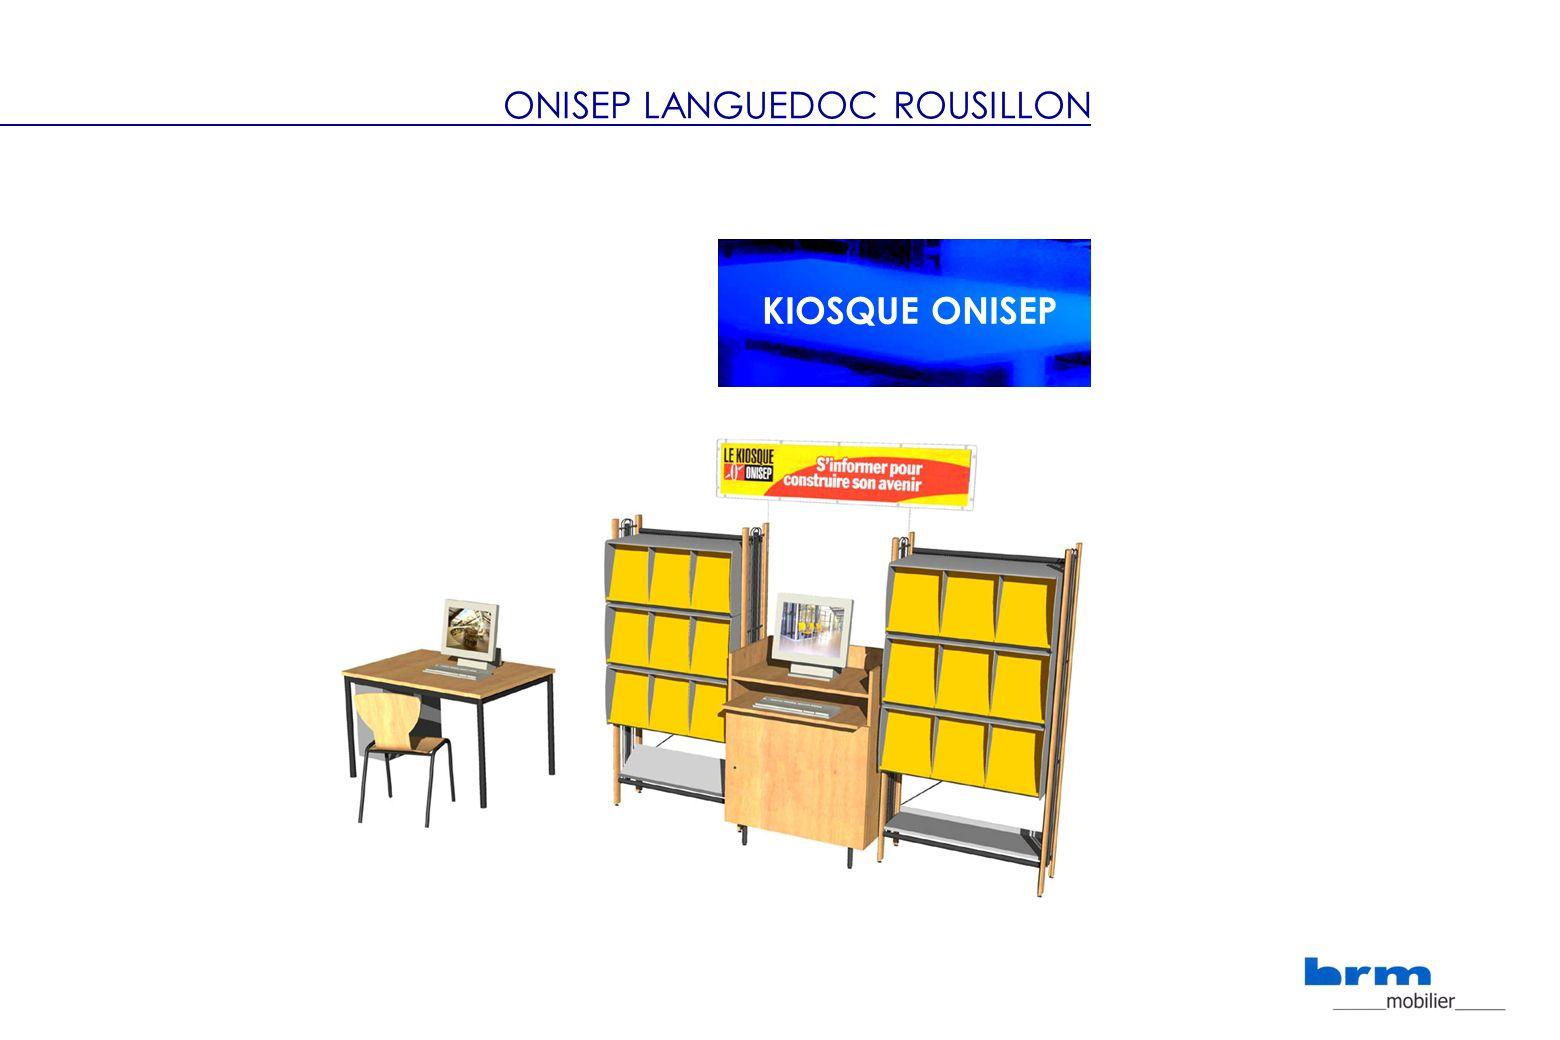 ONISEP LANGUEDOC ROUSILLON KIOSQUE ONISEP